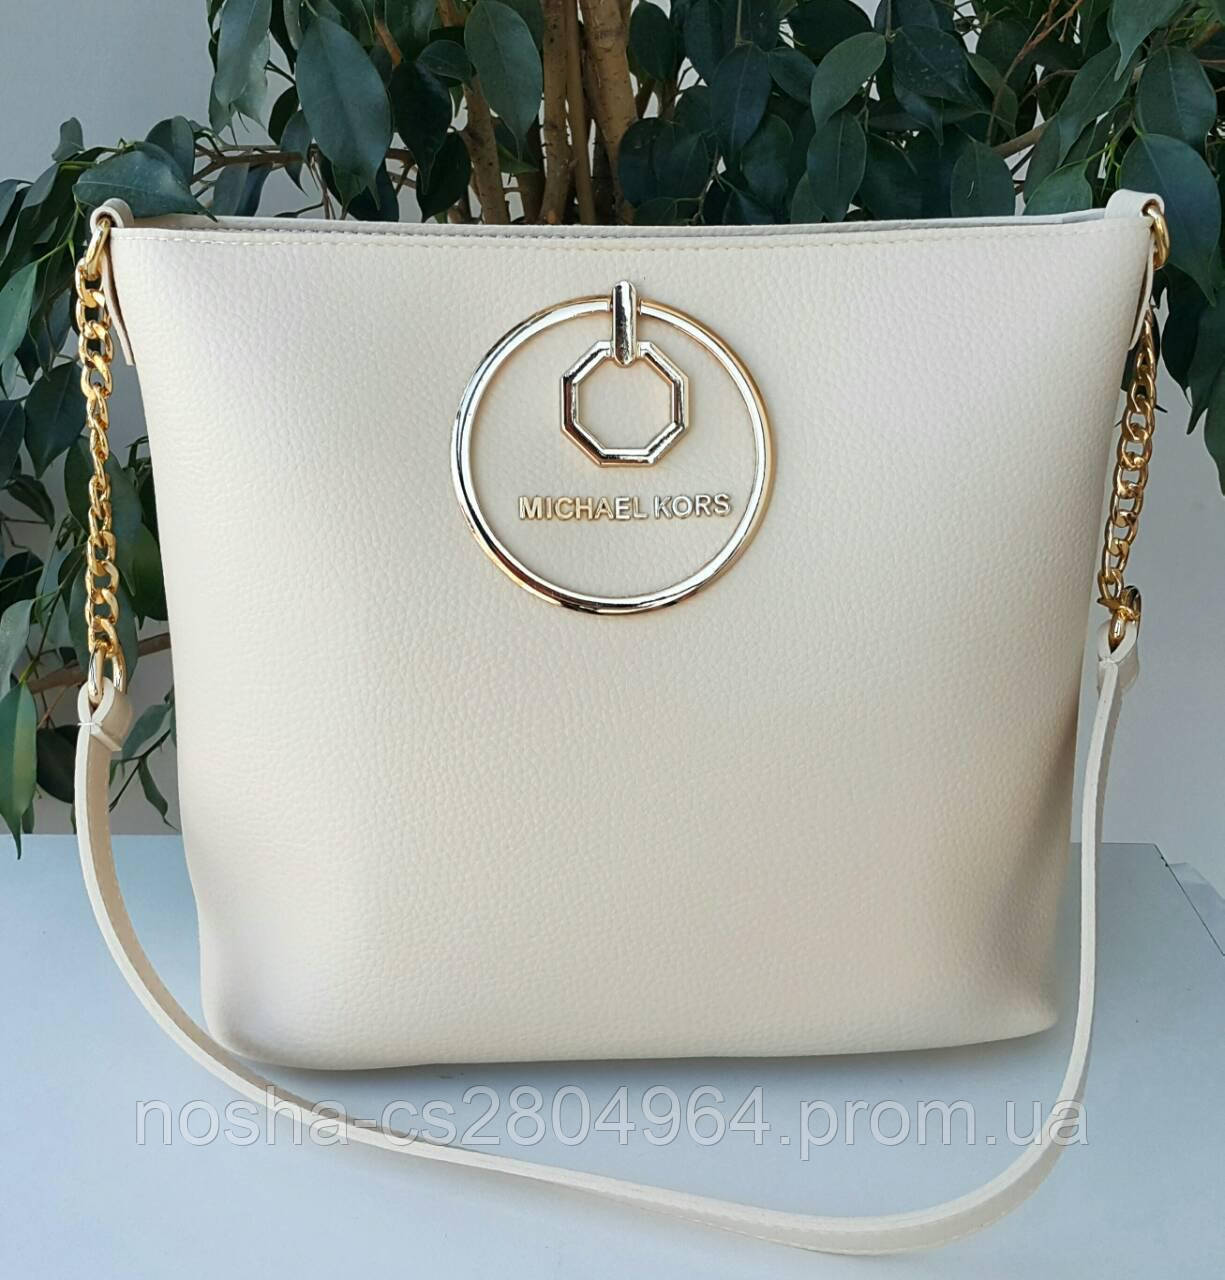 e231eb8c19d2 Женская сумка через плечо Michael Kors молочного цвета / Сумка женская  Майкл Корс / Мишель Корс / МК